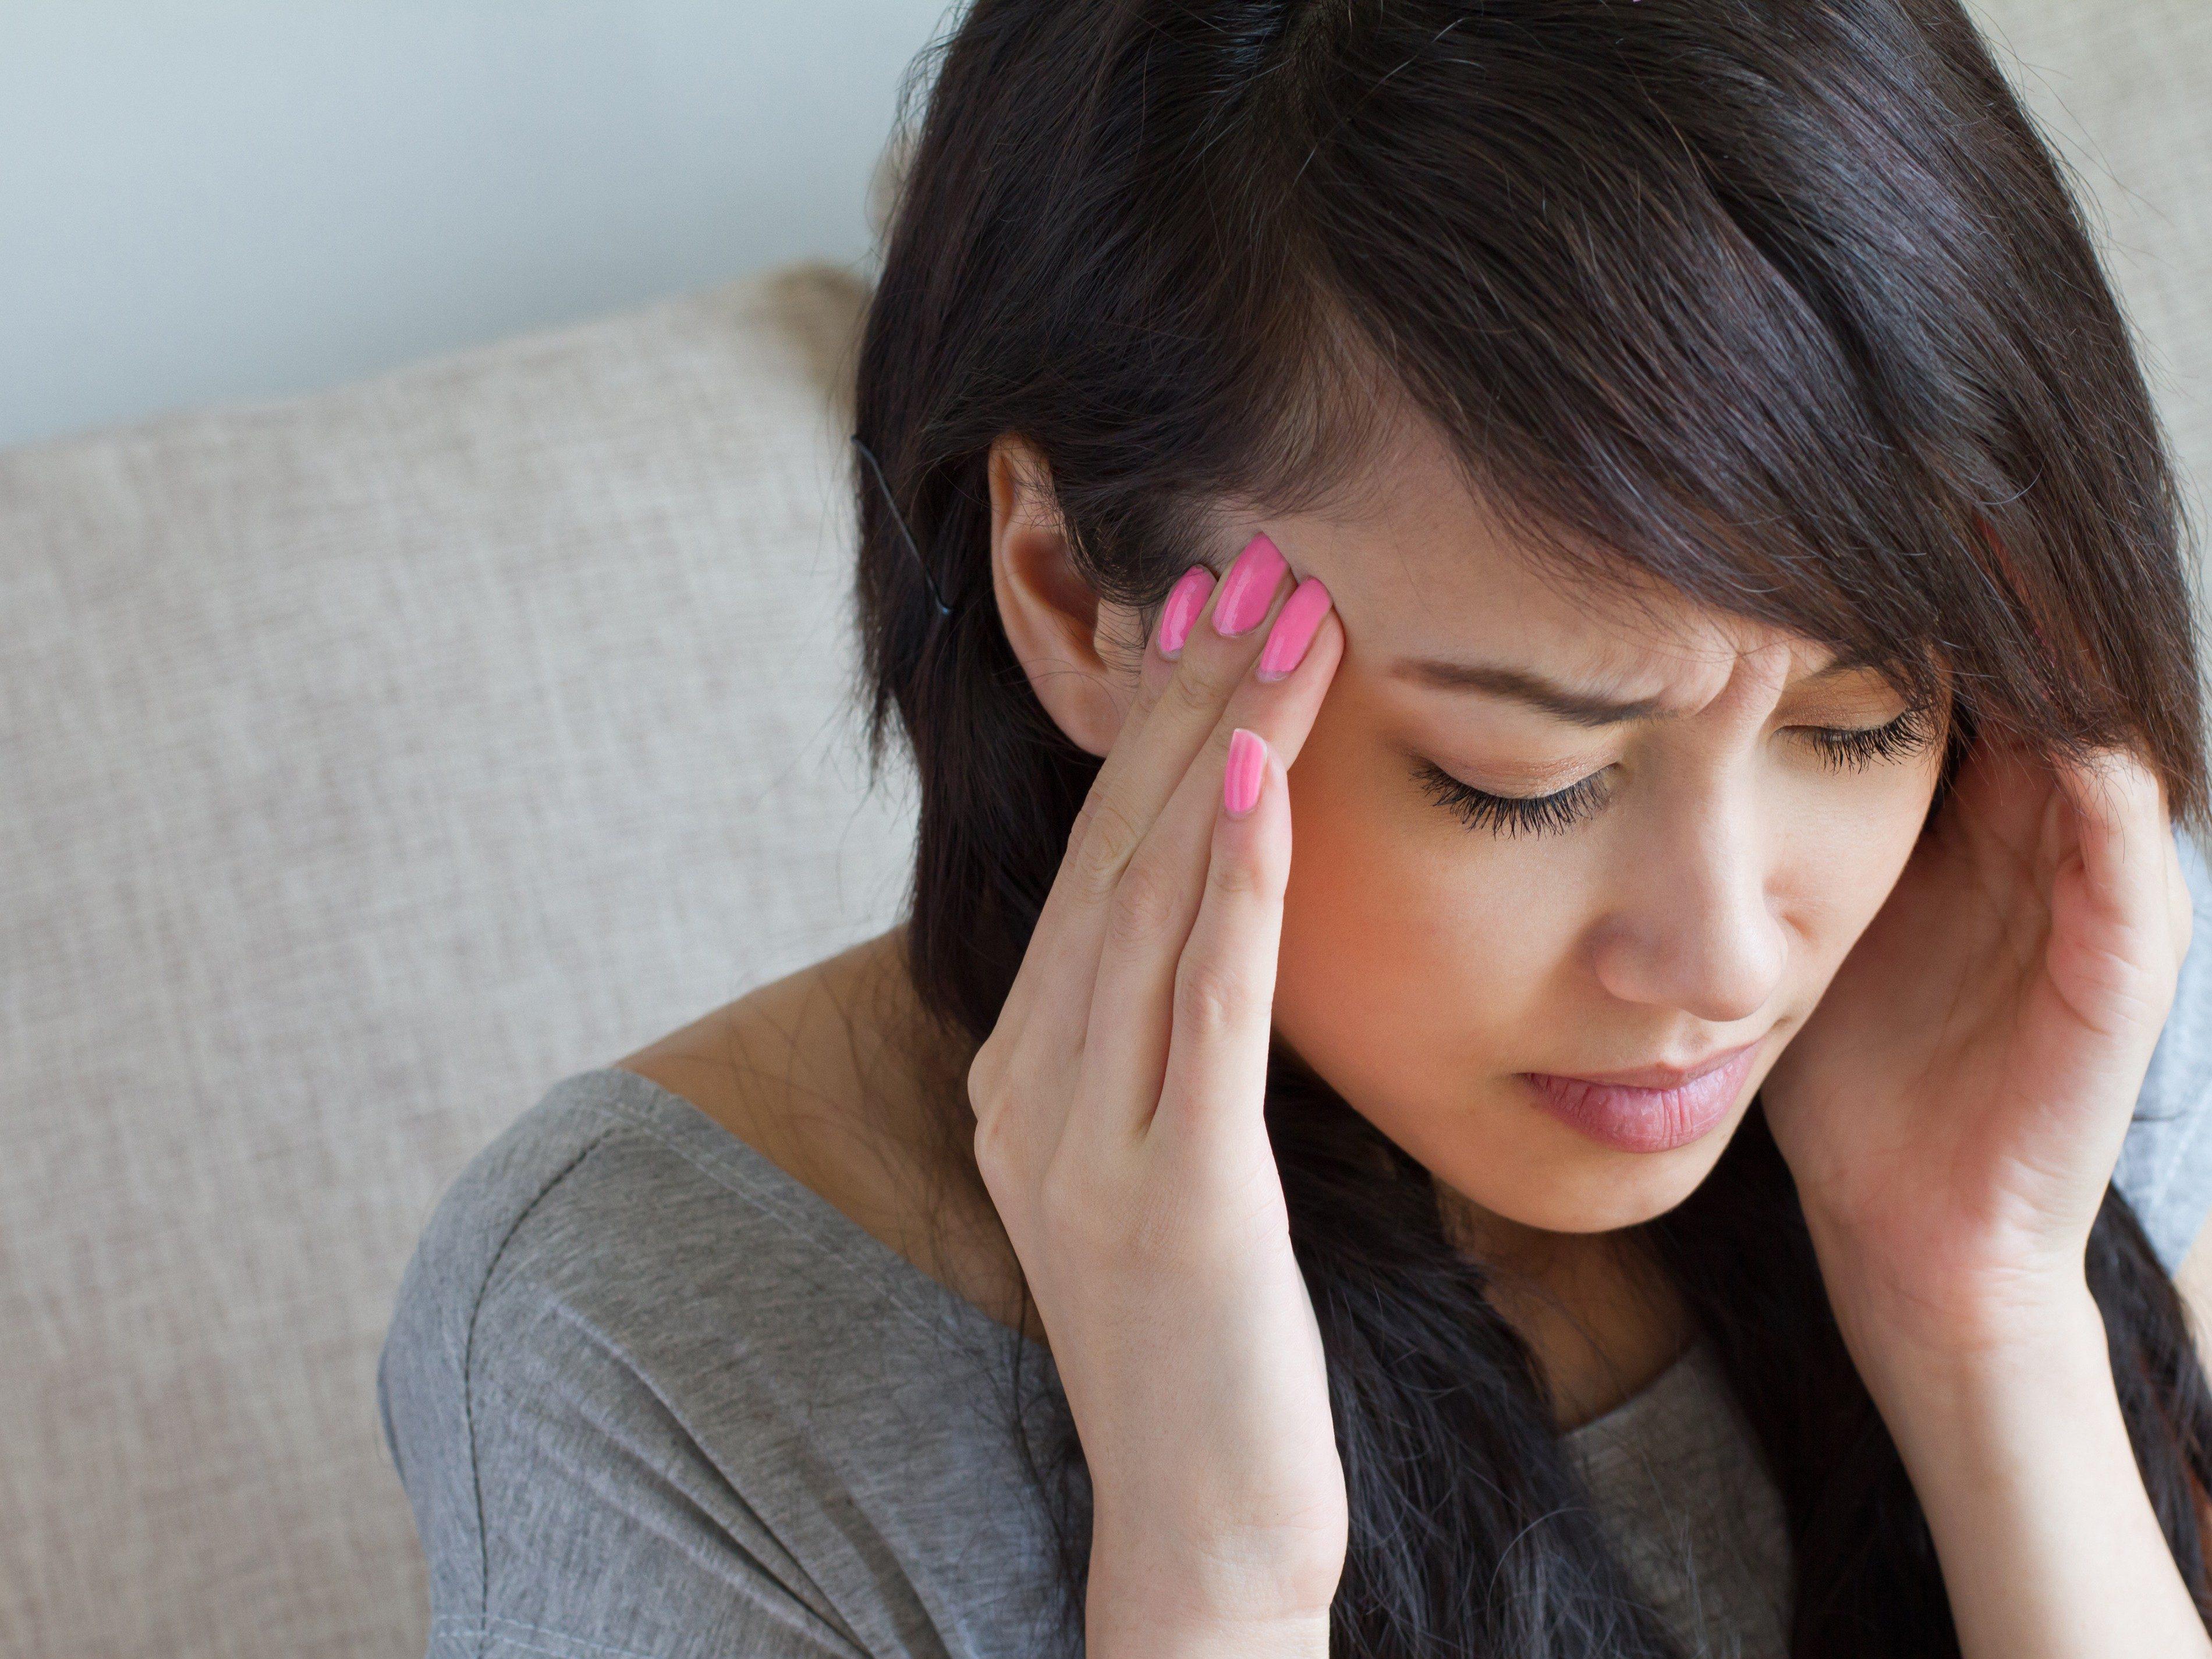 1. Prescription migraine medication